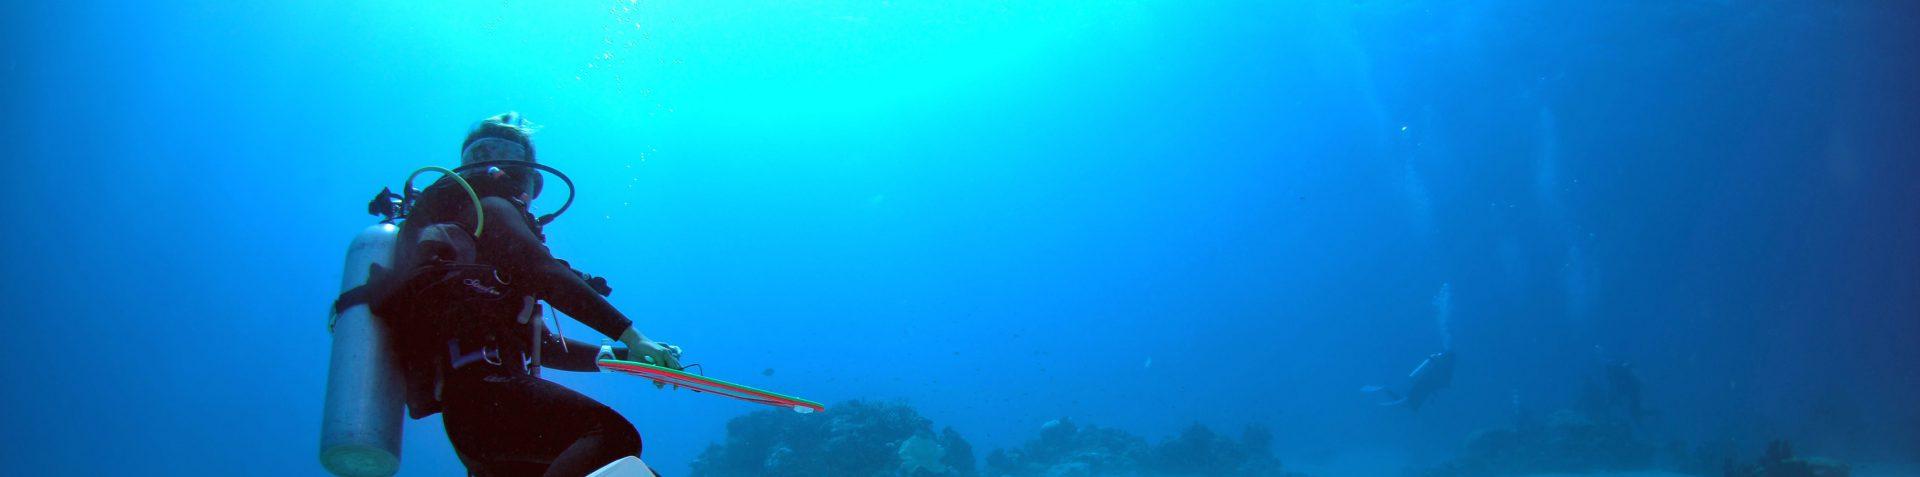 M's Diving Adventure